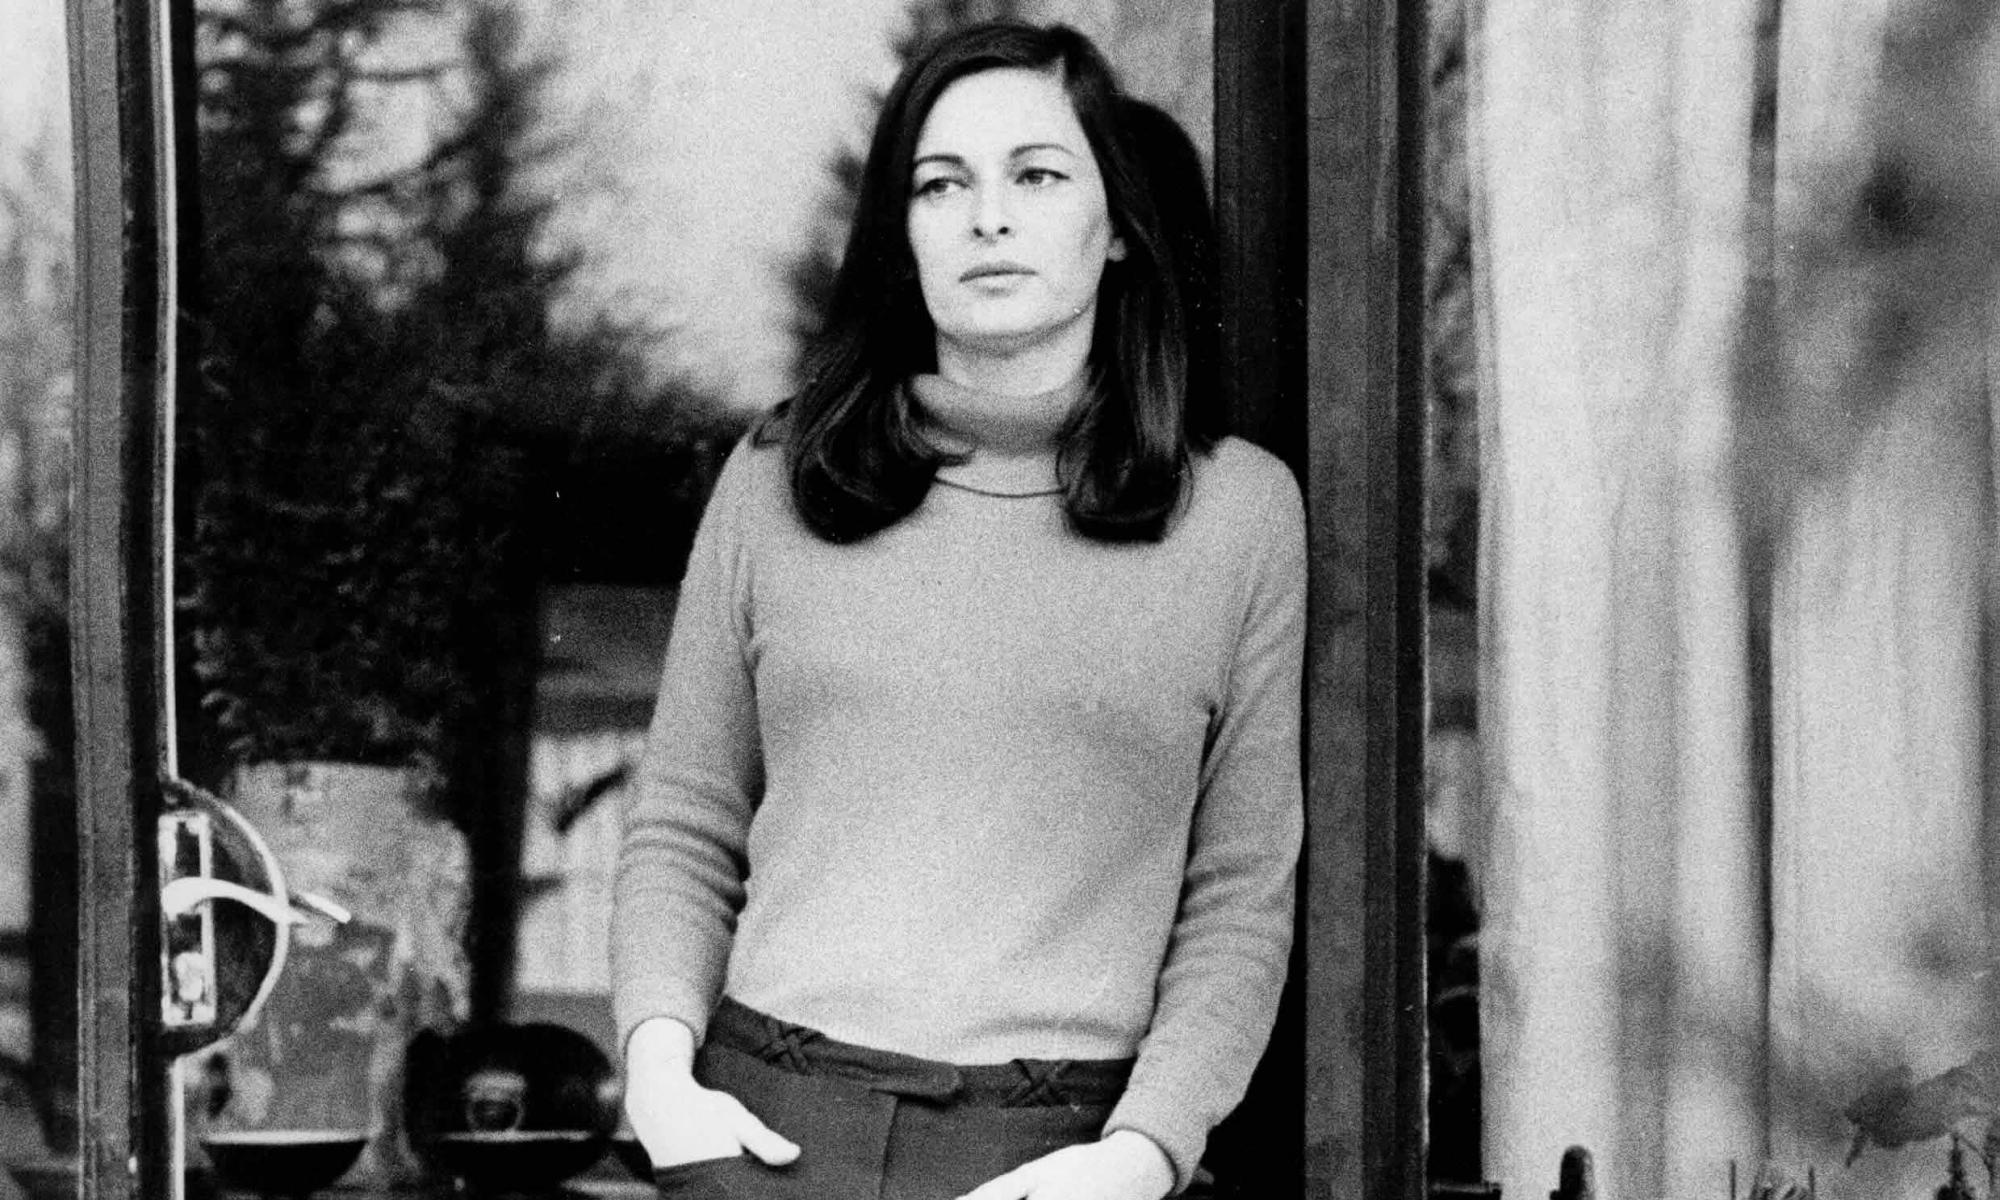 ¿Reconocerías a Lucía Bosé en su juventud? Descubre sus imágenes más desconocidas